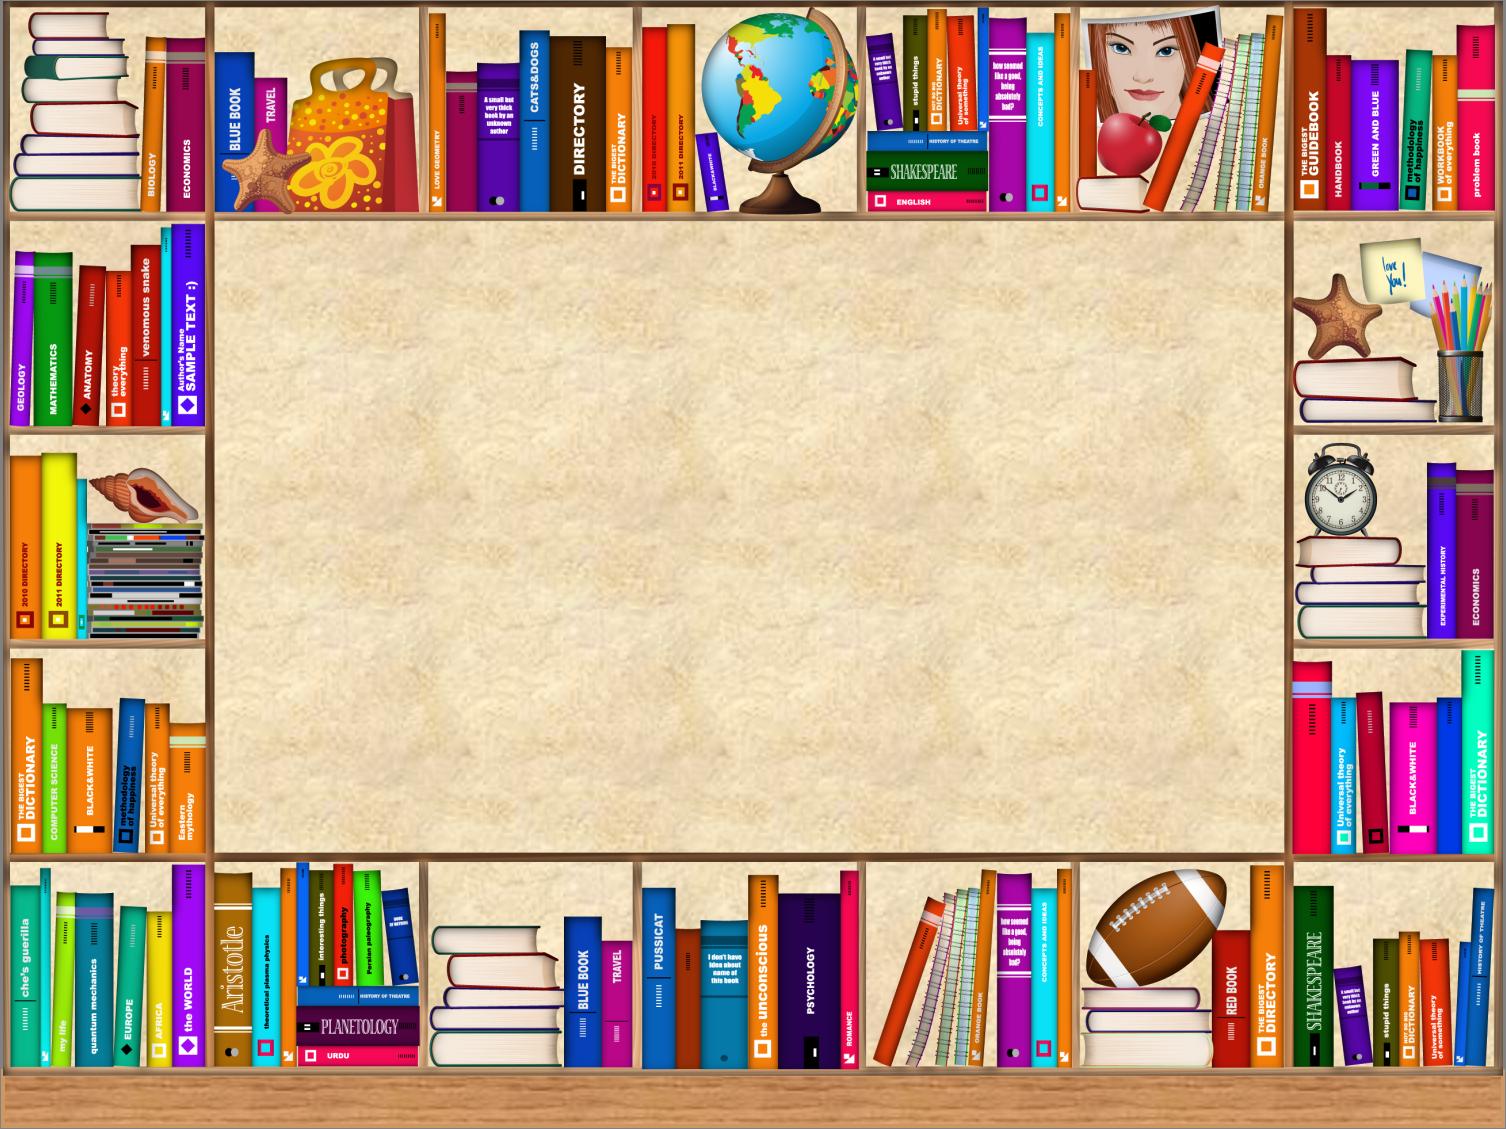 Фон для режима работы библиотеки